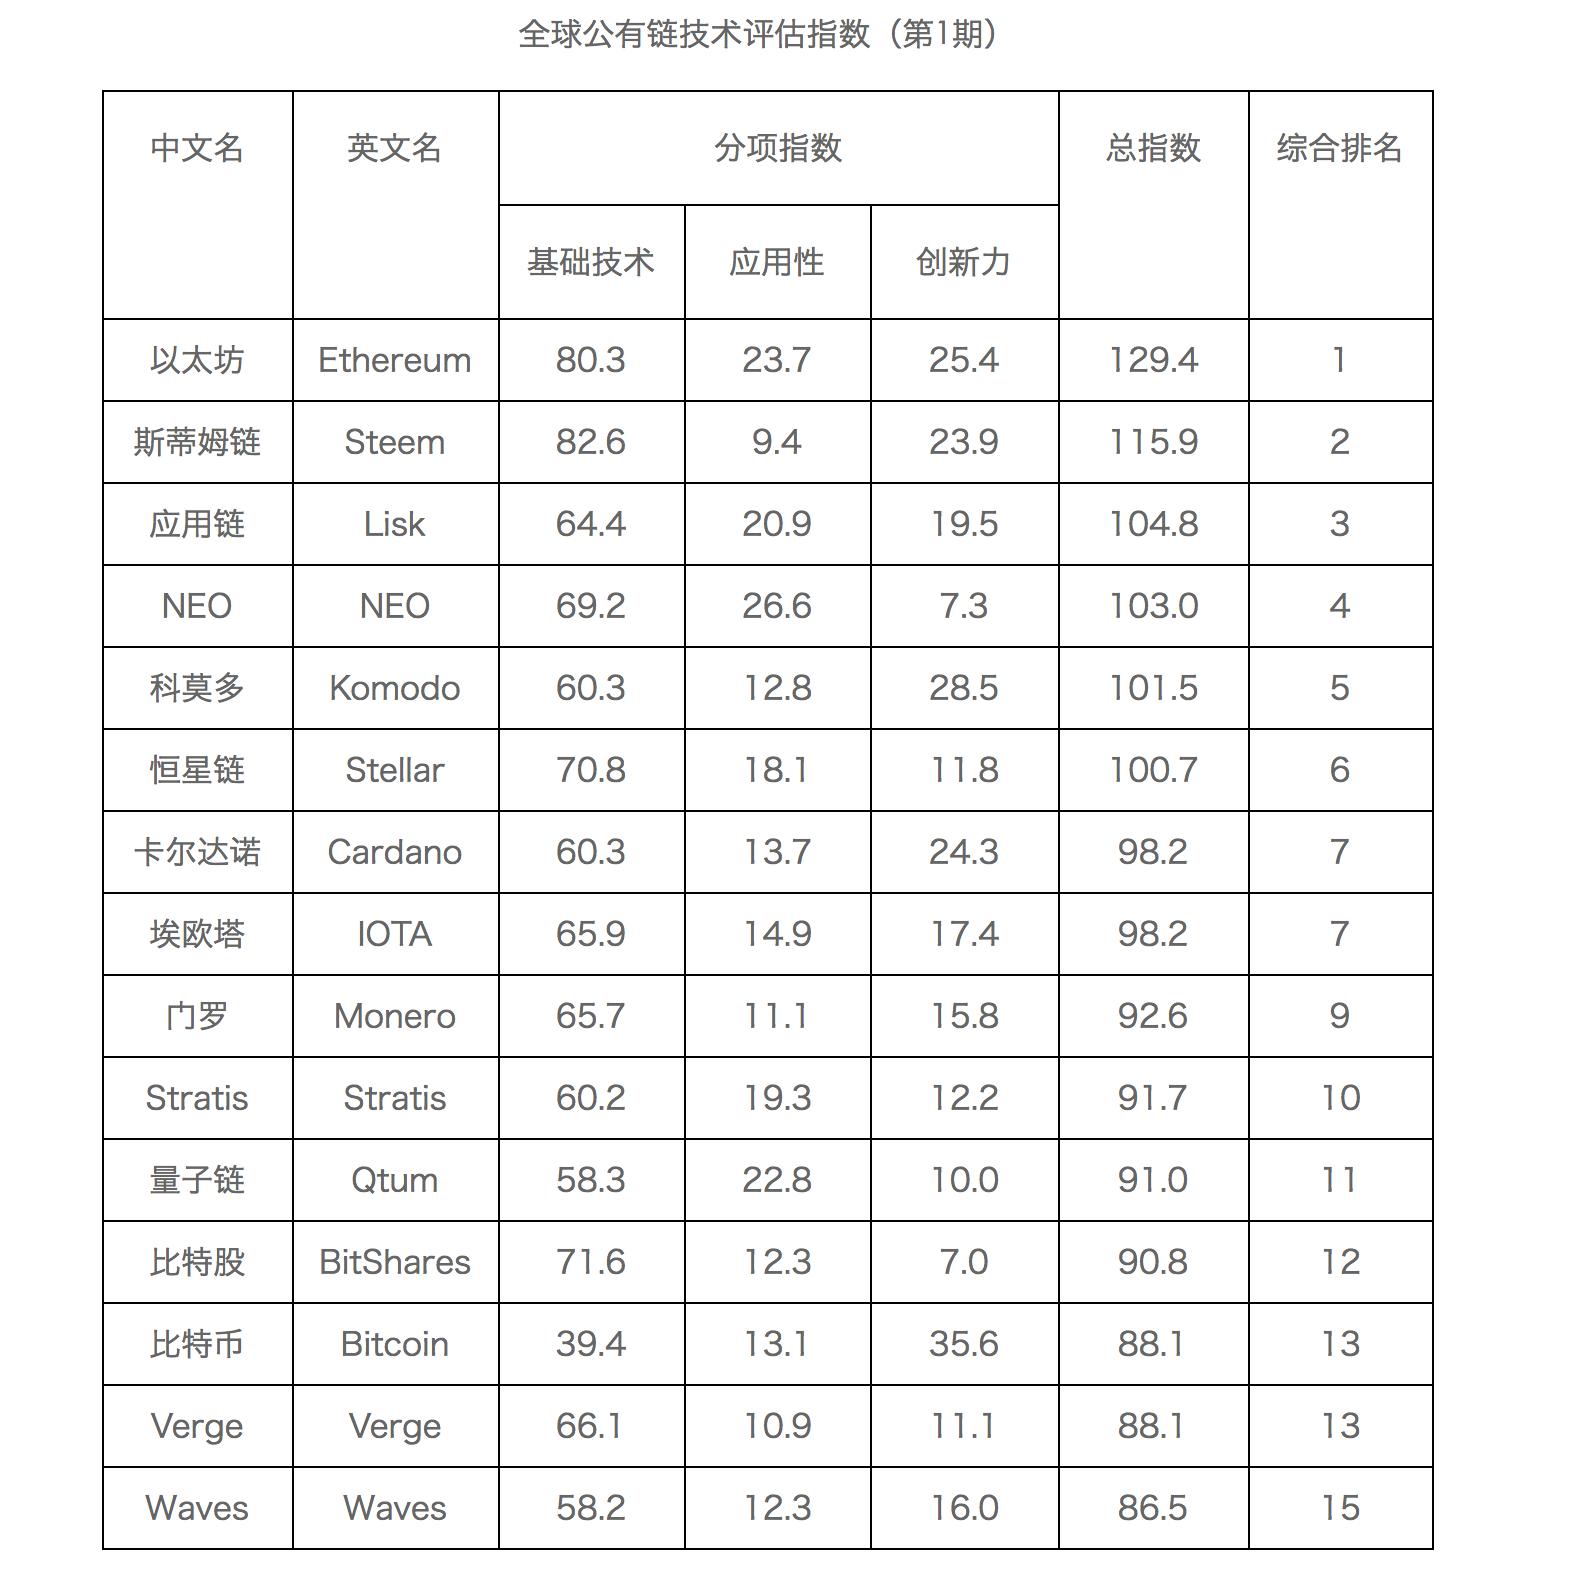 中国機関 仮想通貨 格付け 発表